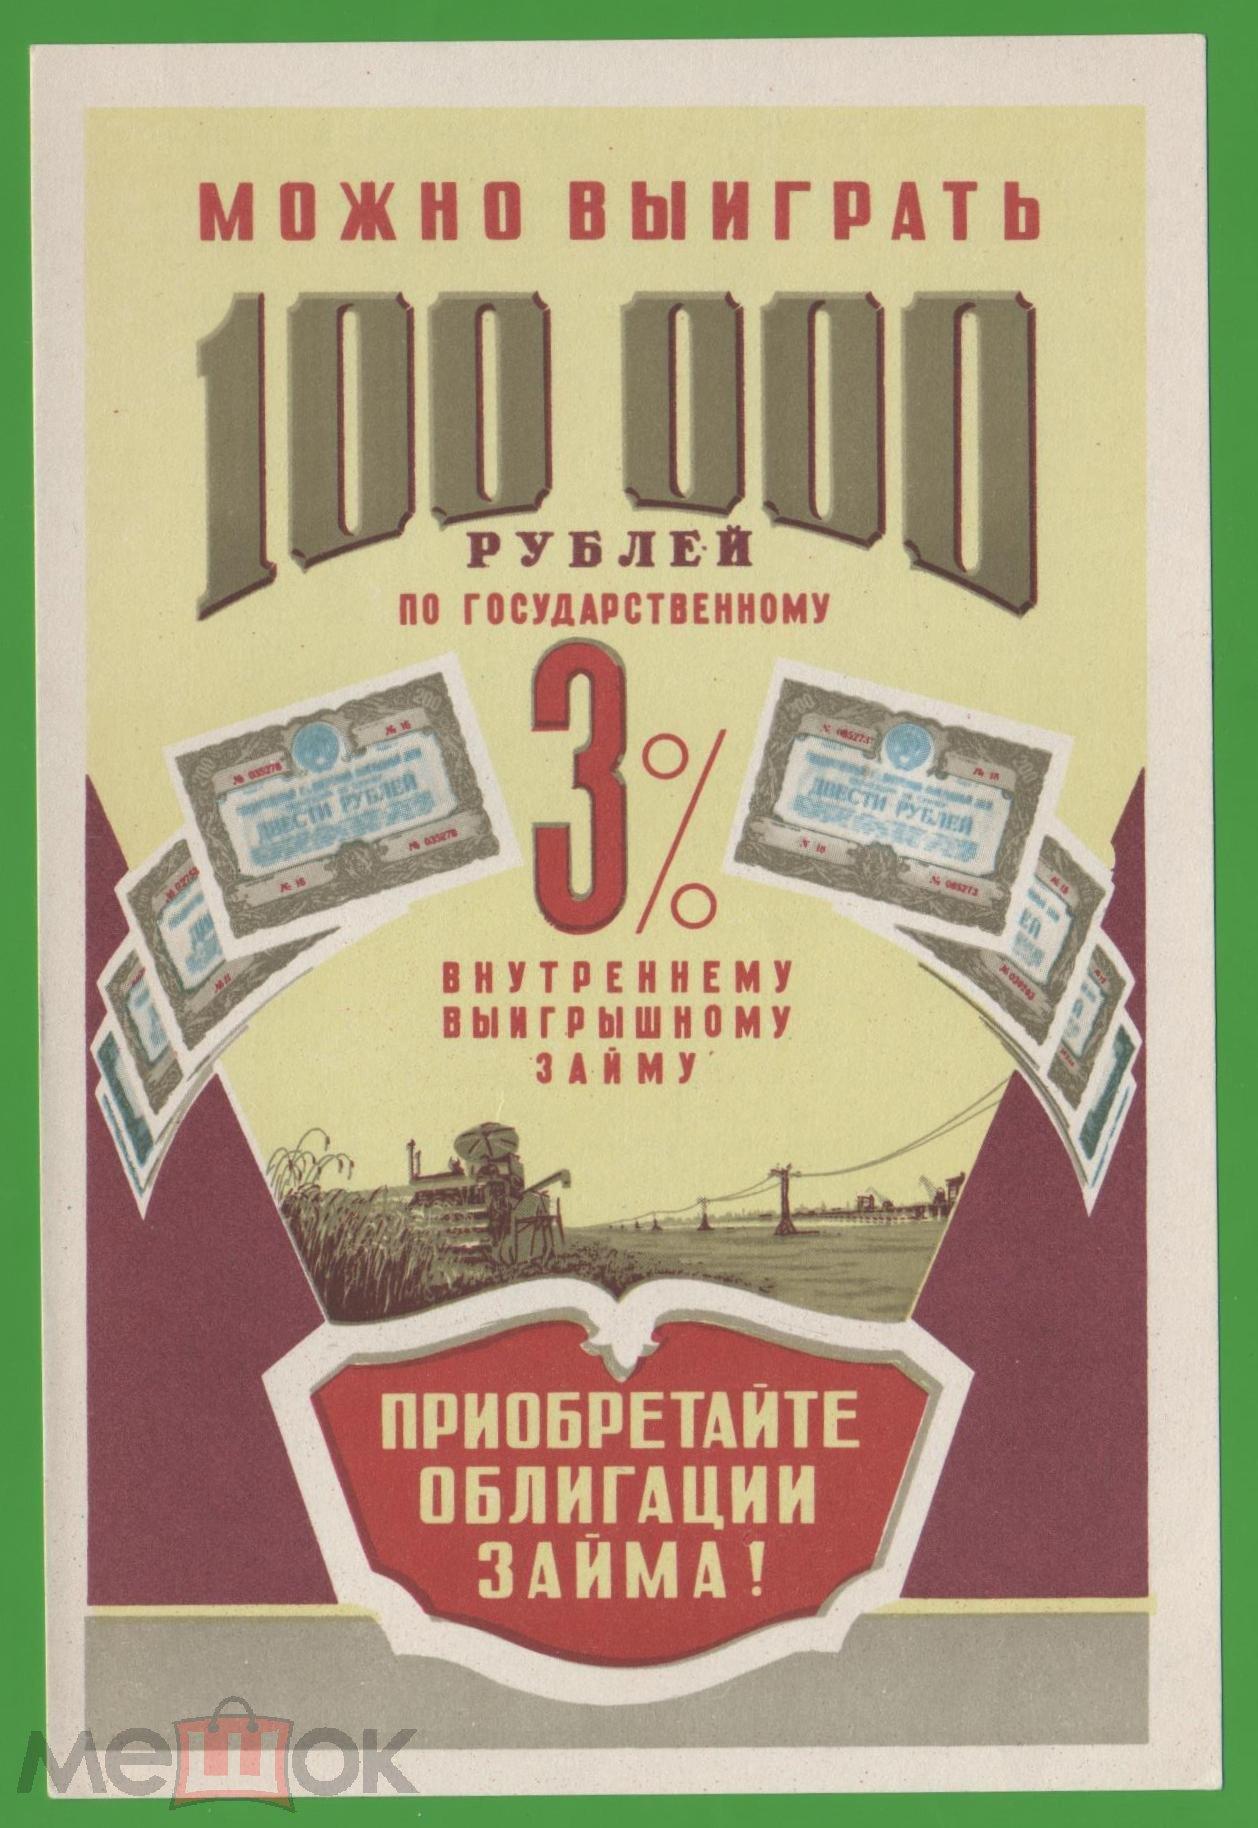 100000 займ москва